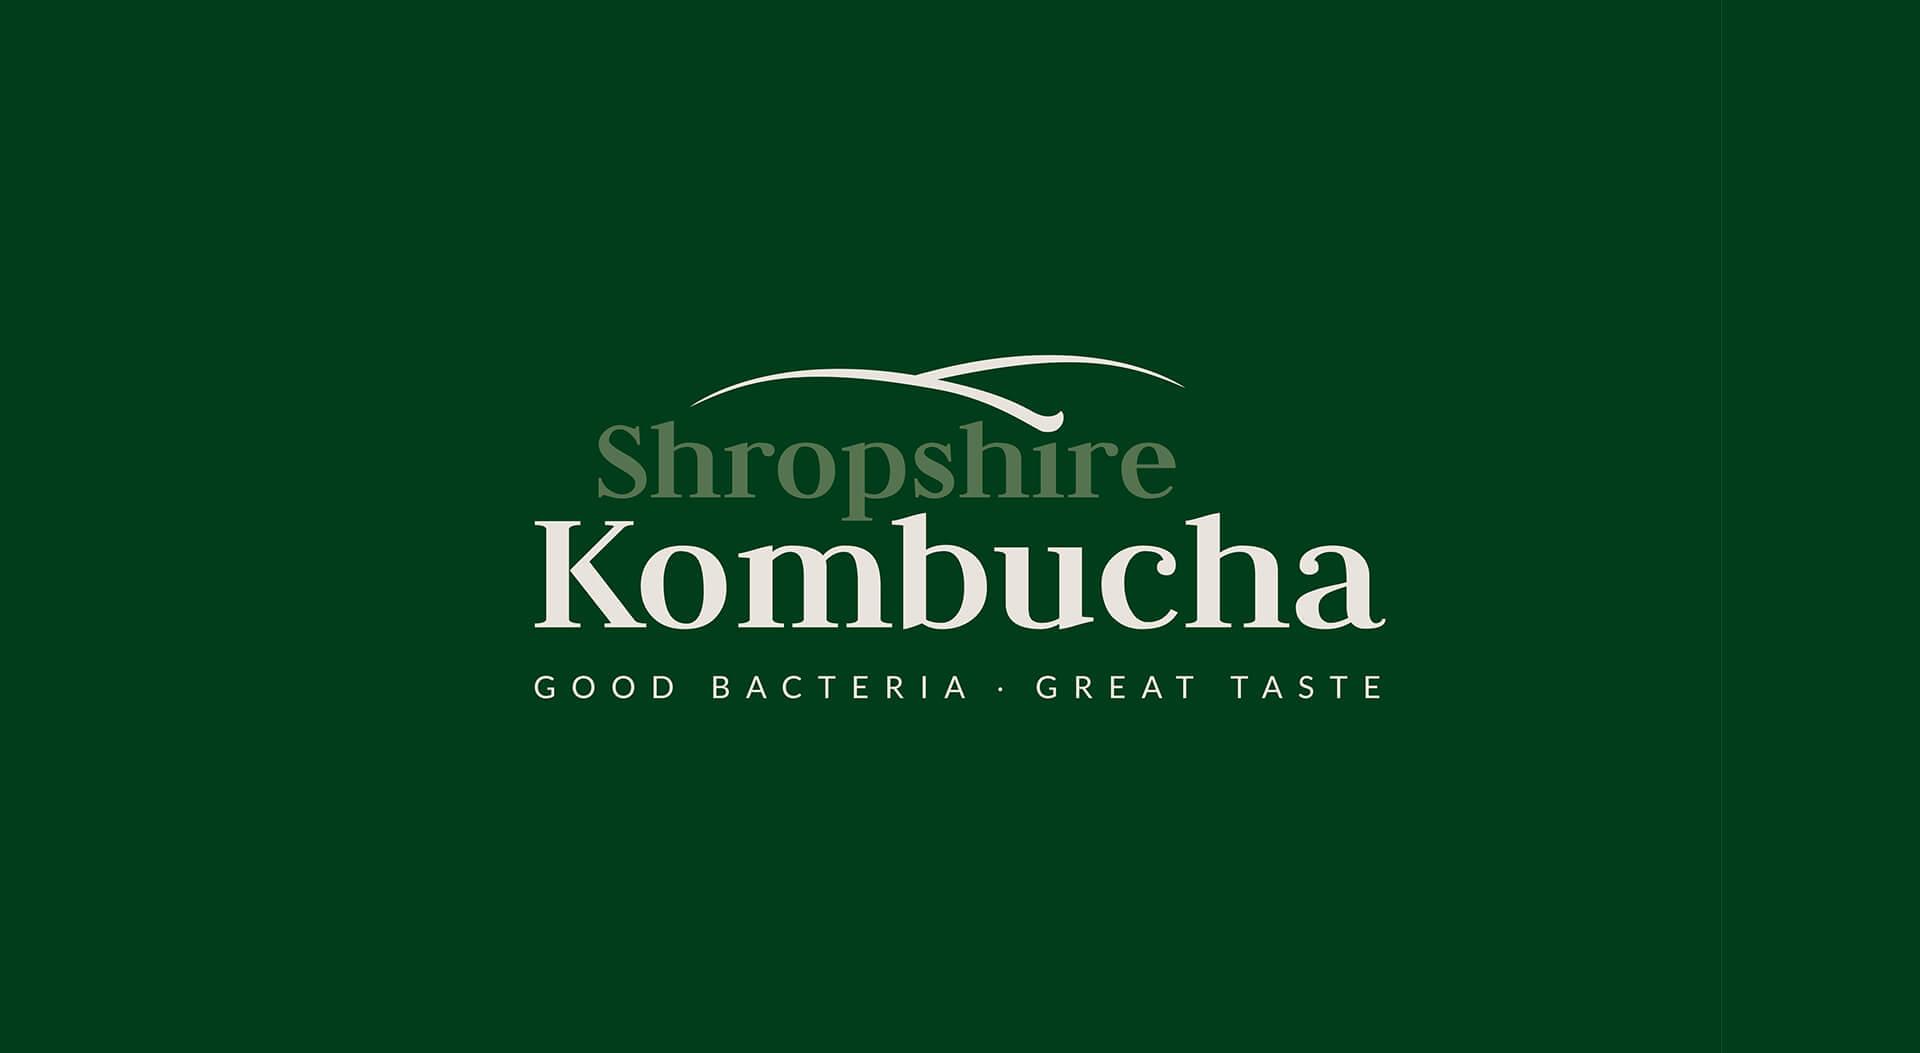 Shropshire Kombucha logo design on green